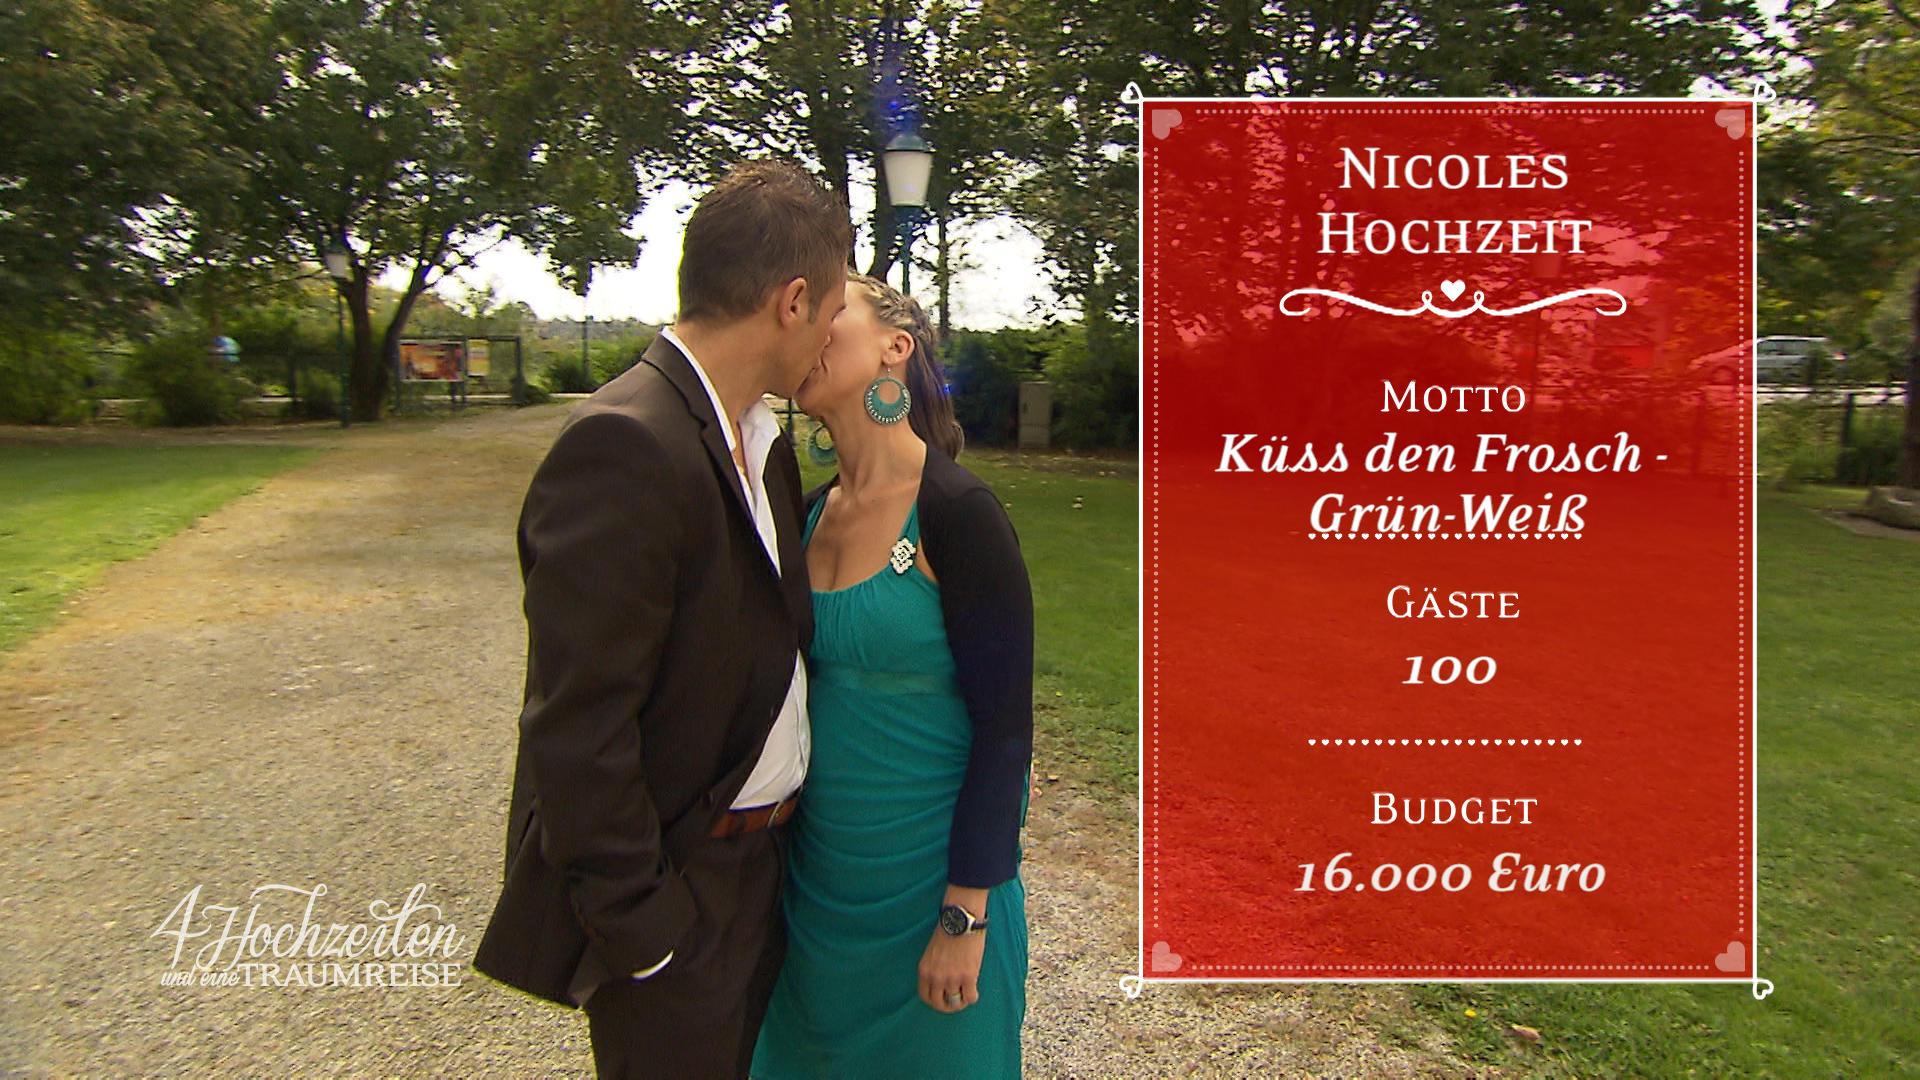 4 Hochzeiten Und Eine Traumreise Das Sind Die Mottos Der